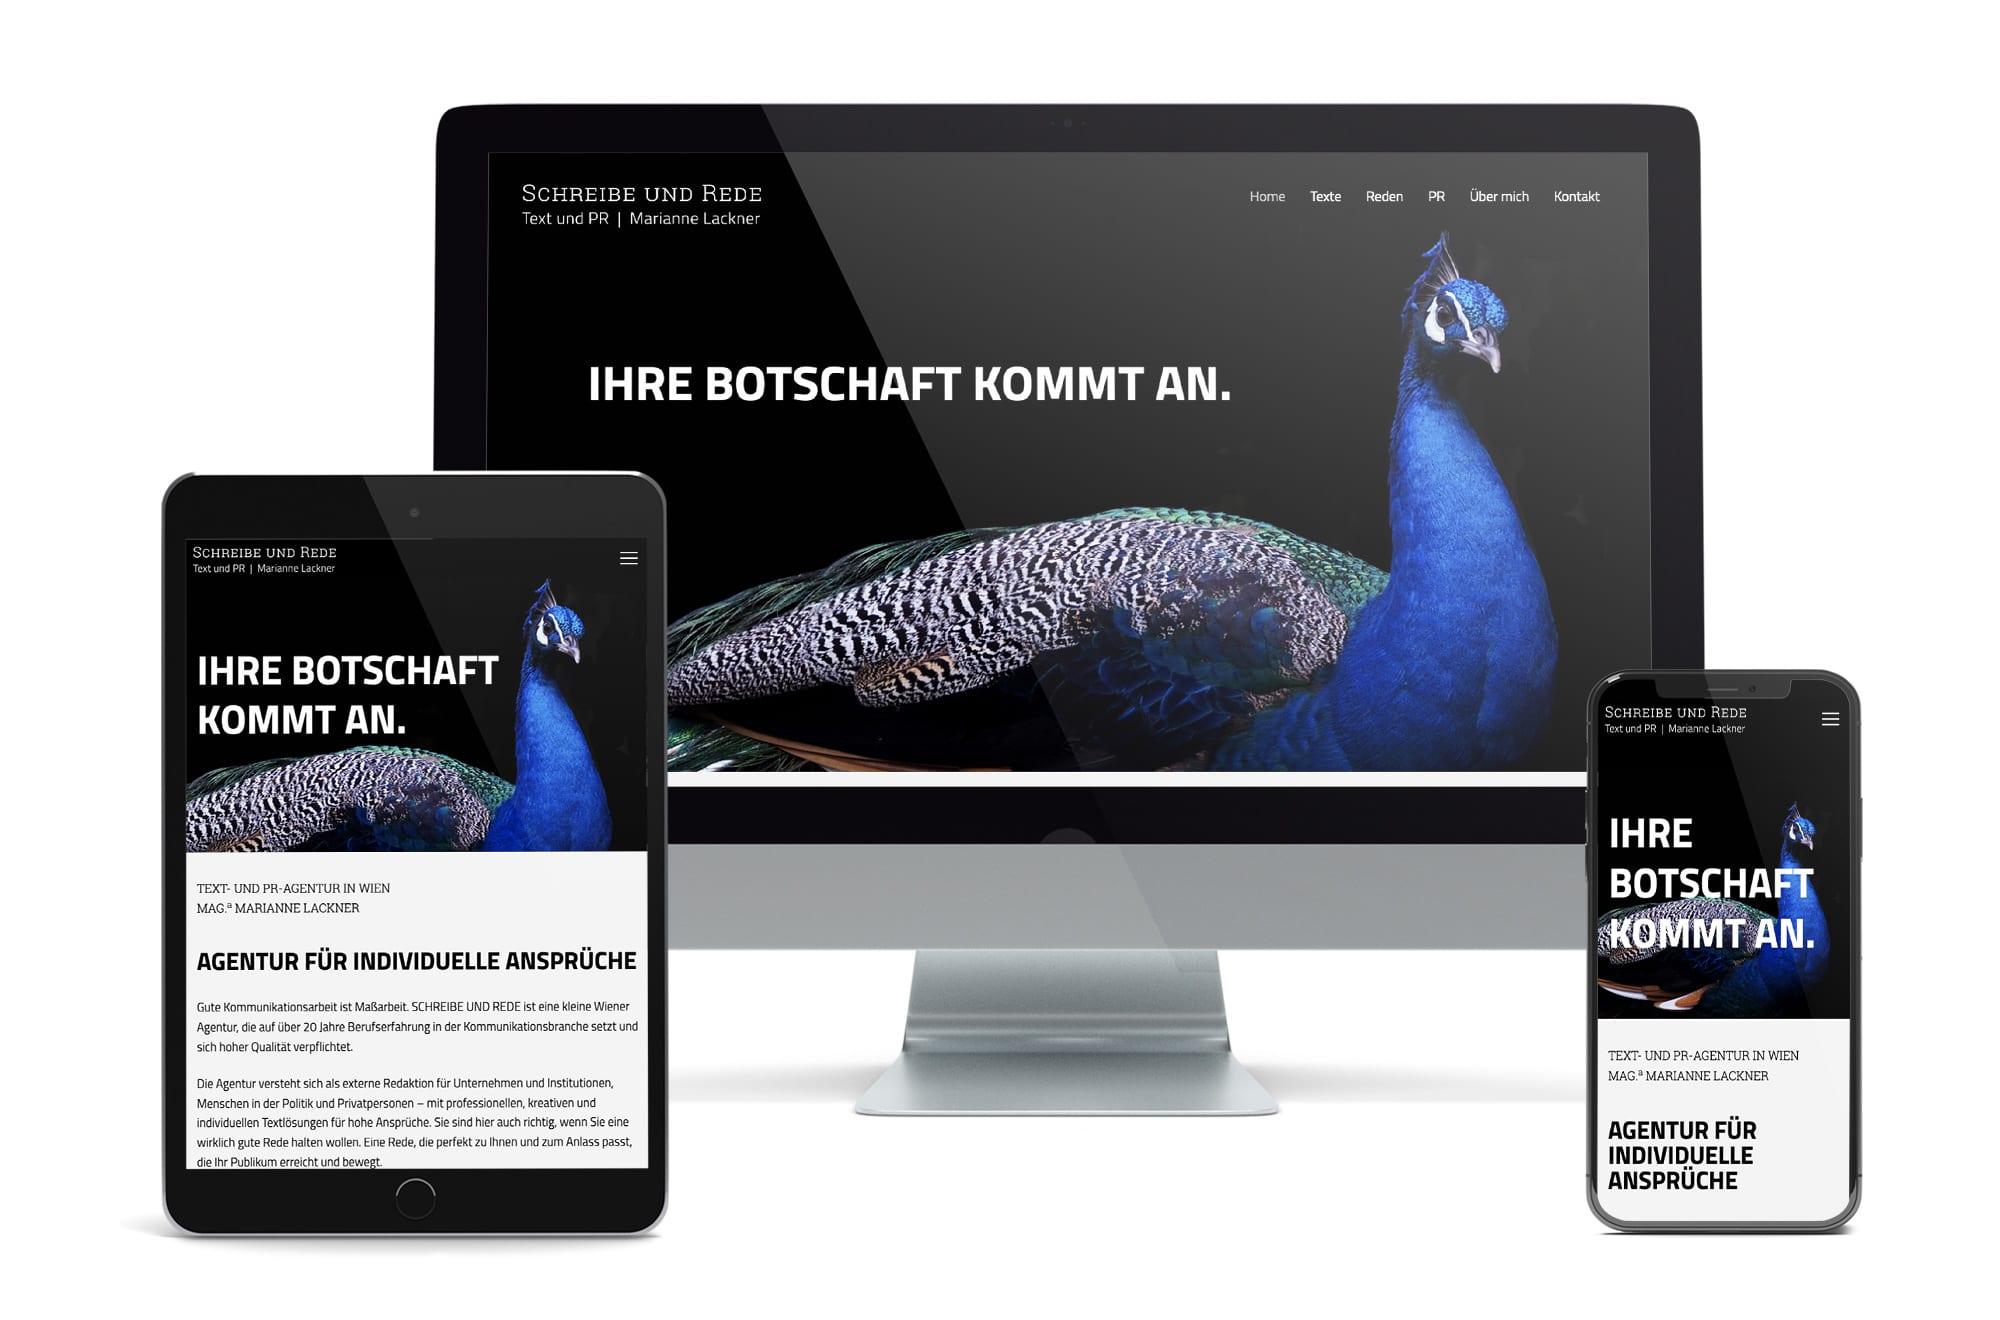 Webdesign Beispiel: Neue Website für Text- und PR-Agentur